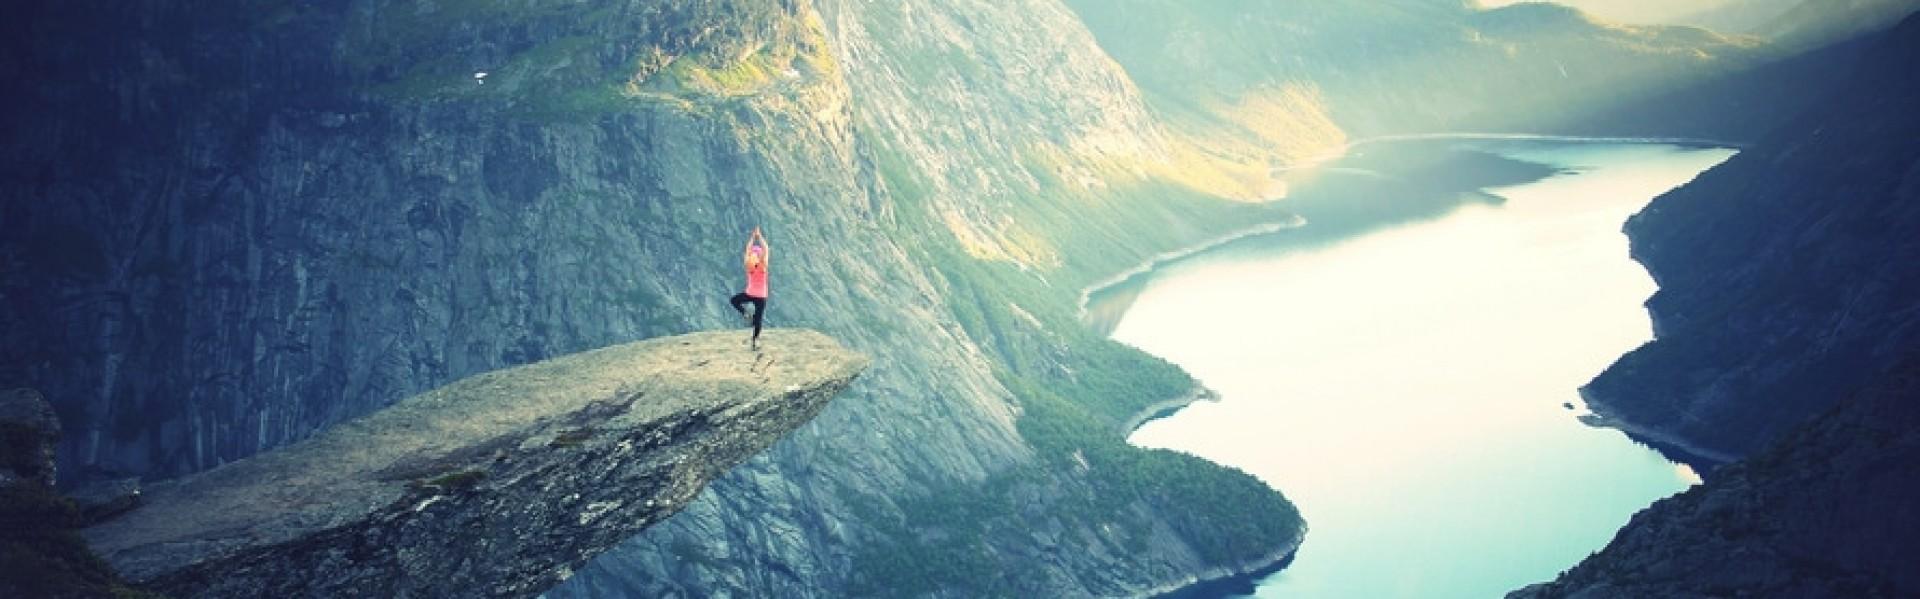 CHRIS MANGEART   Yoga, Développement personnel, Ayurveda Thonon, Evian, Haute-Savoie 74